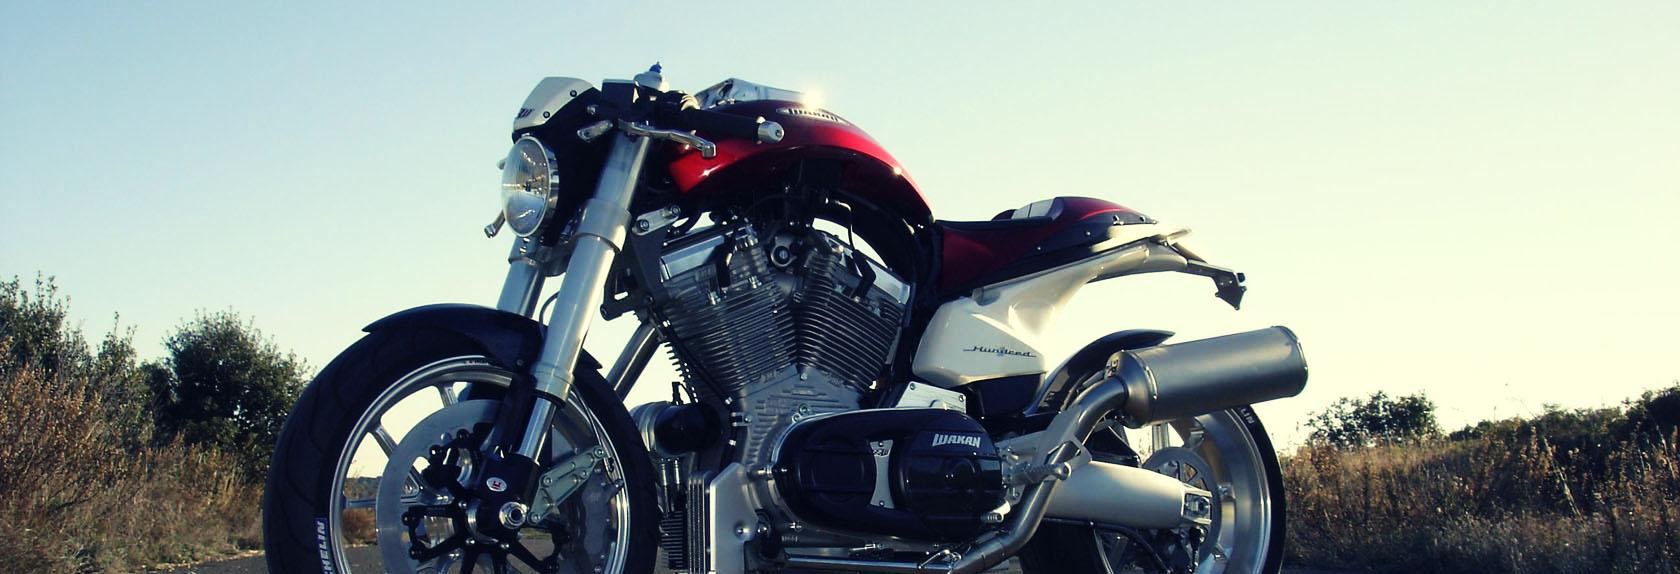 Wakan Motorcycles V Twin